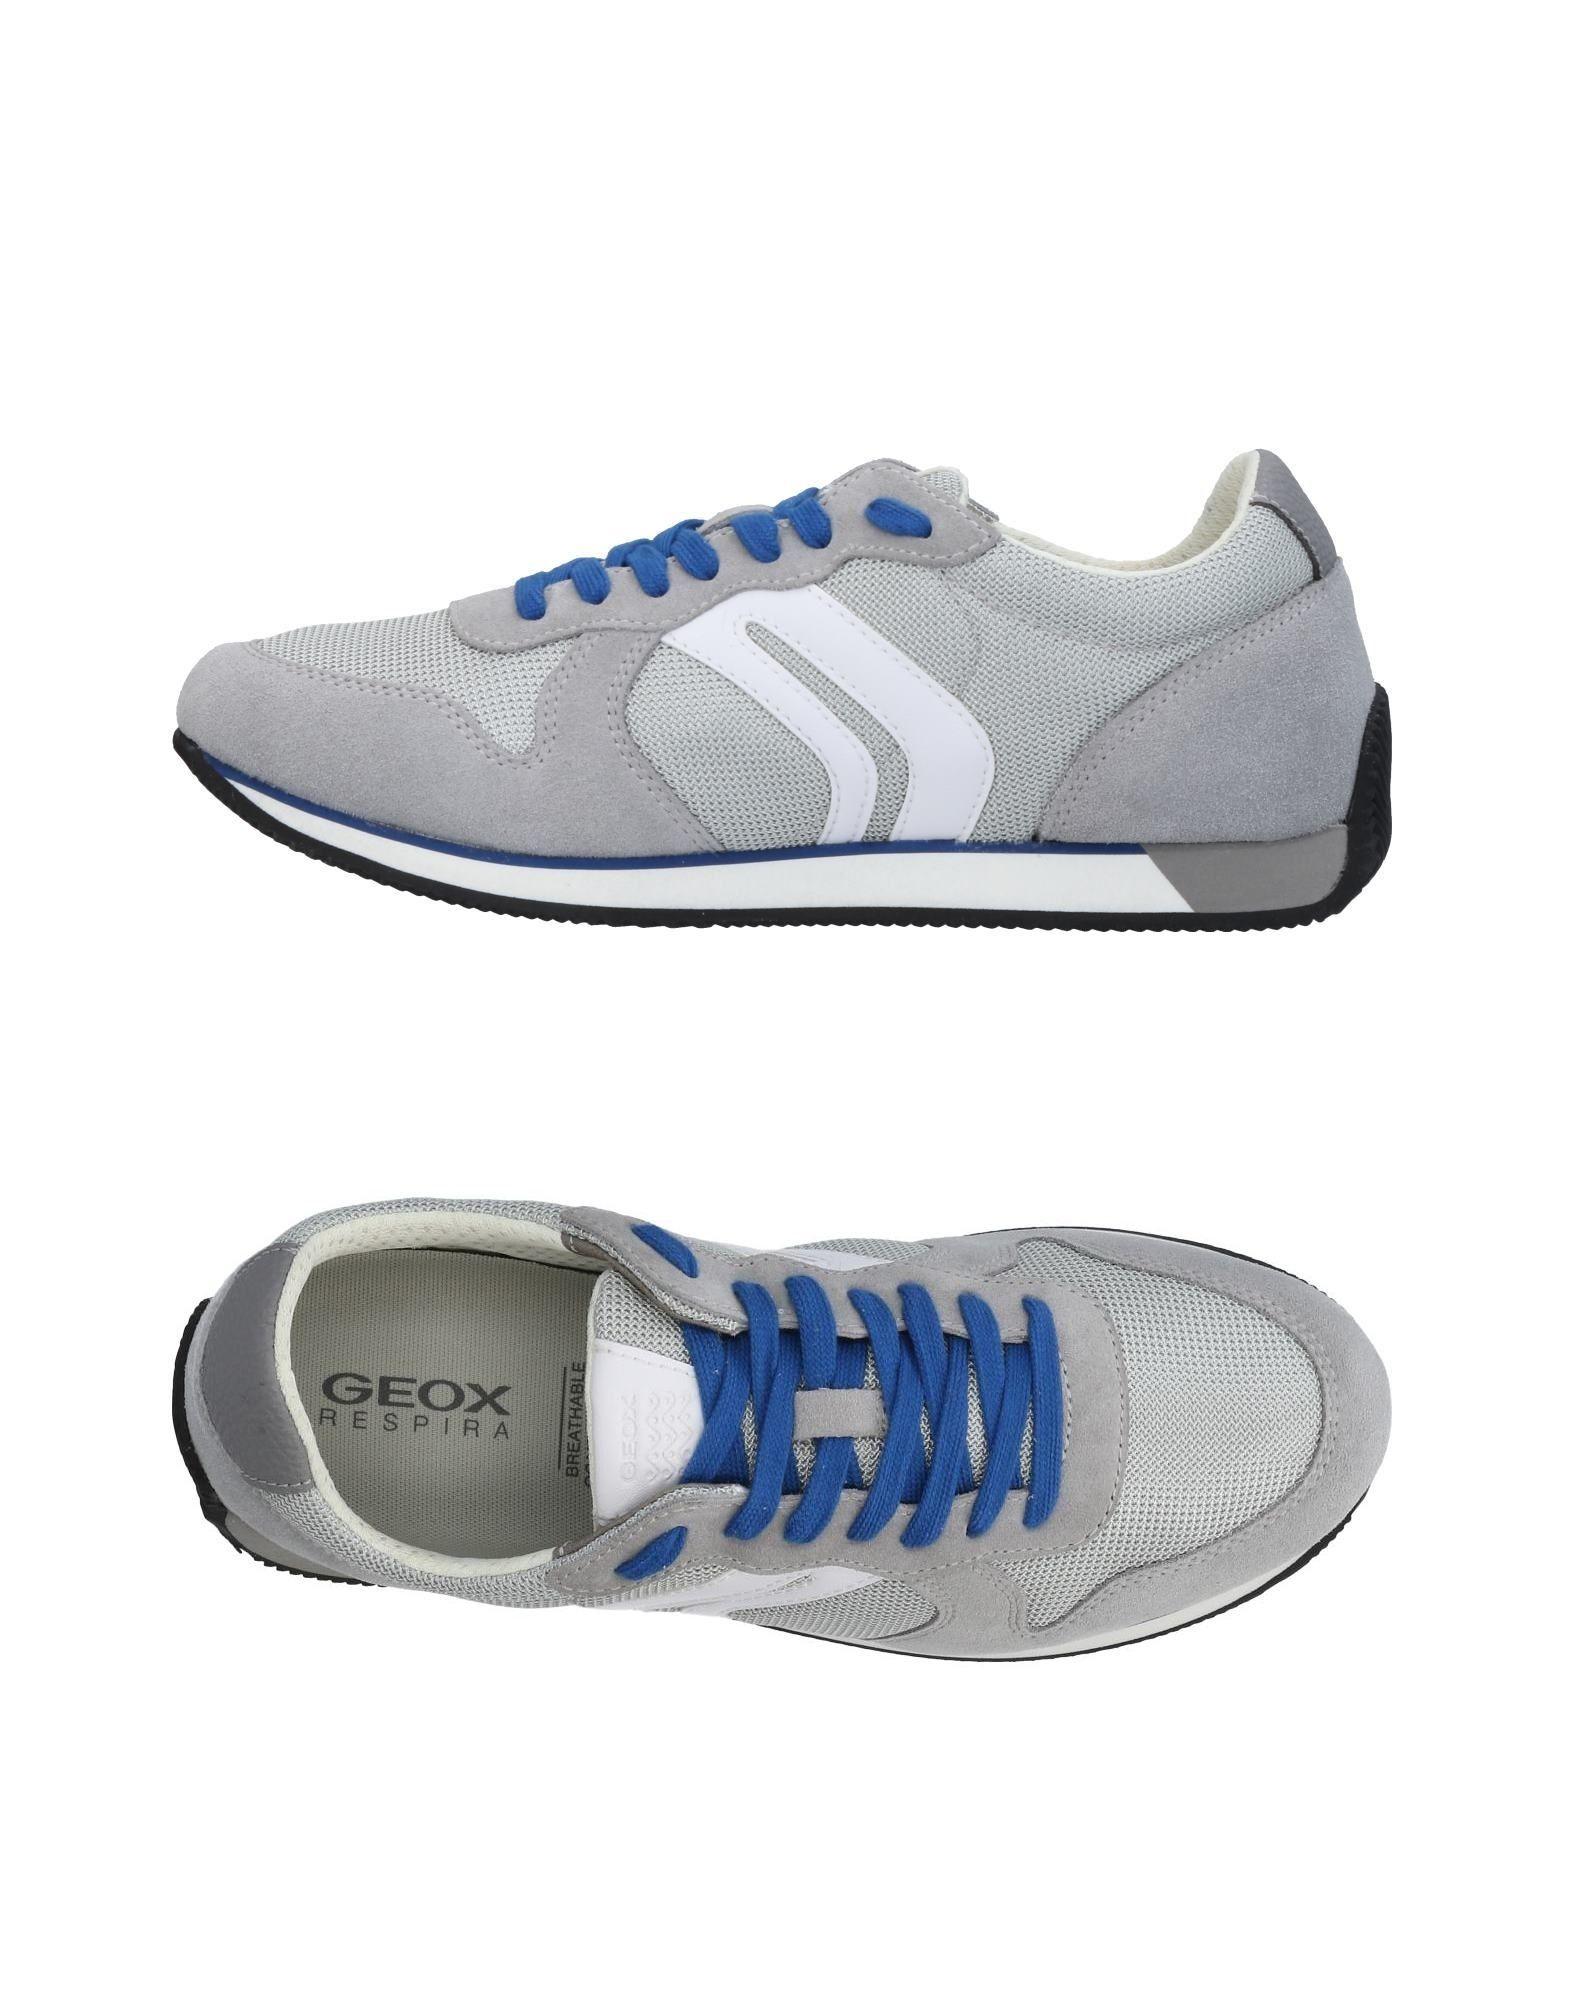 Geox Sneakers United - Men Geox Sneakers online on  United Sneakers Kingdom - 11427290PN 192a36